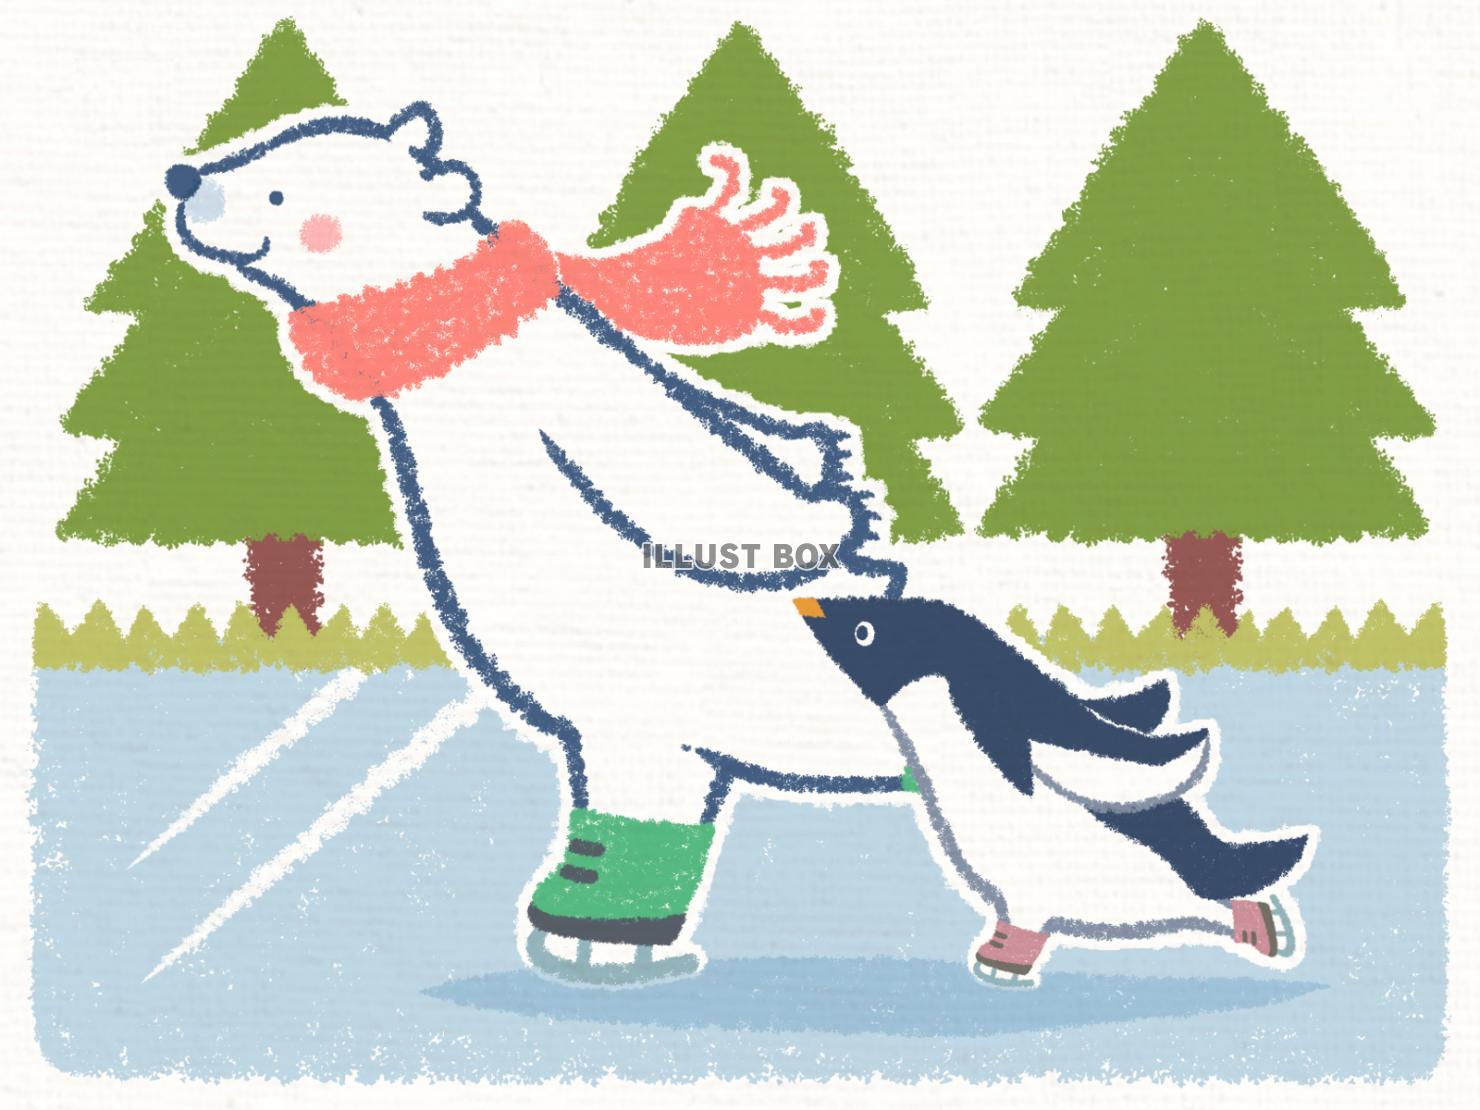 無料イラスト スケートシロクマペンギン背景入り